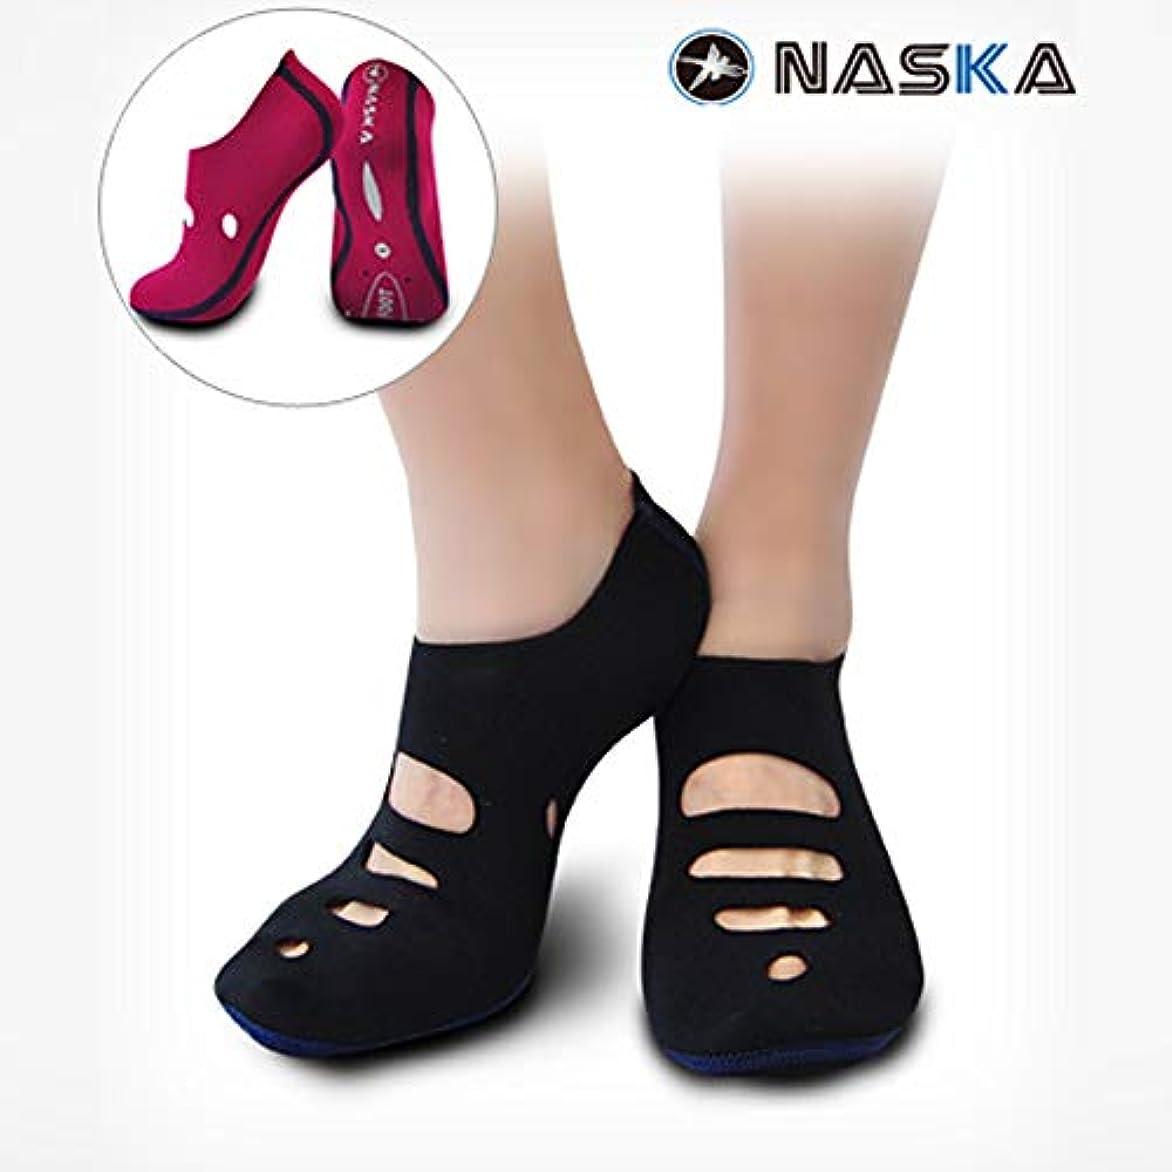 グリットホールドオール肥満NaskaFoot かかとケア かかとサポーター 両足用 角質ケア かかと靴下 角質ケア、保温、保湿を一つにした多機能ソックス 潜水服素材のネオプレン使用 弾力性と柔軟性に富んだ靴下 両面使用